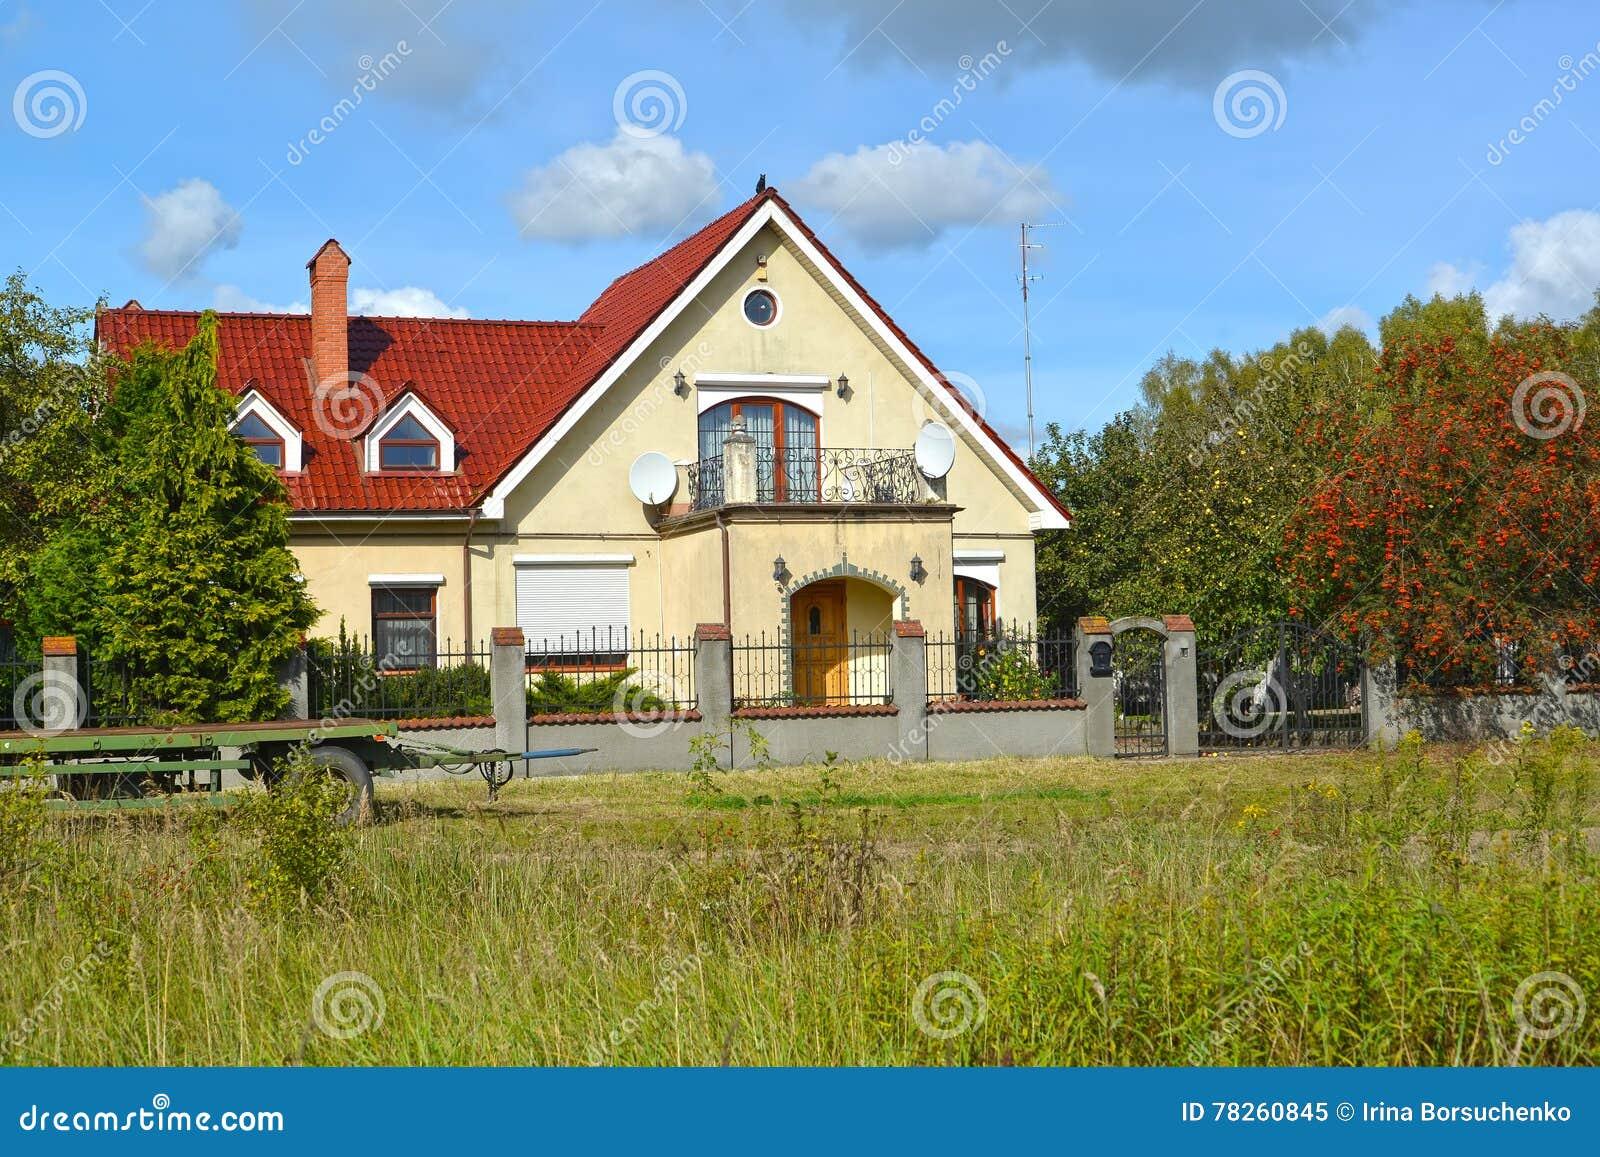 Το σπίτι διαμερισμάτων χωρών με ένα μπαλκόνι μπλε καλοκαίρι της Ρωσίας στεγών περιοχών σπιτιών ημέρας kaliningrad ηλιόλουστο